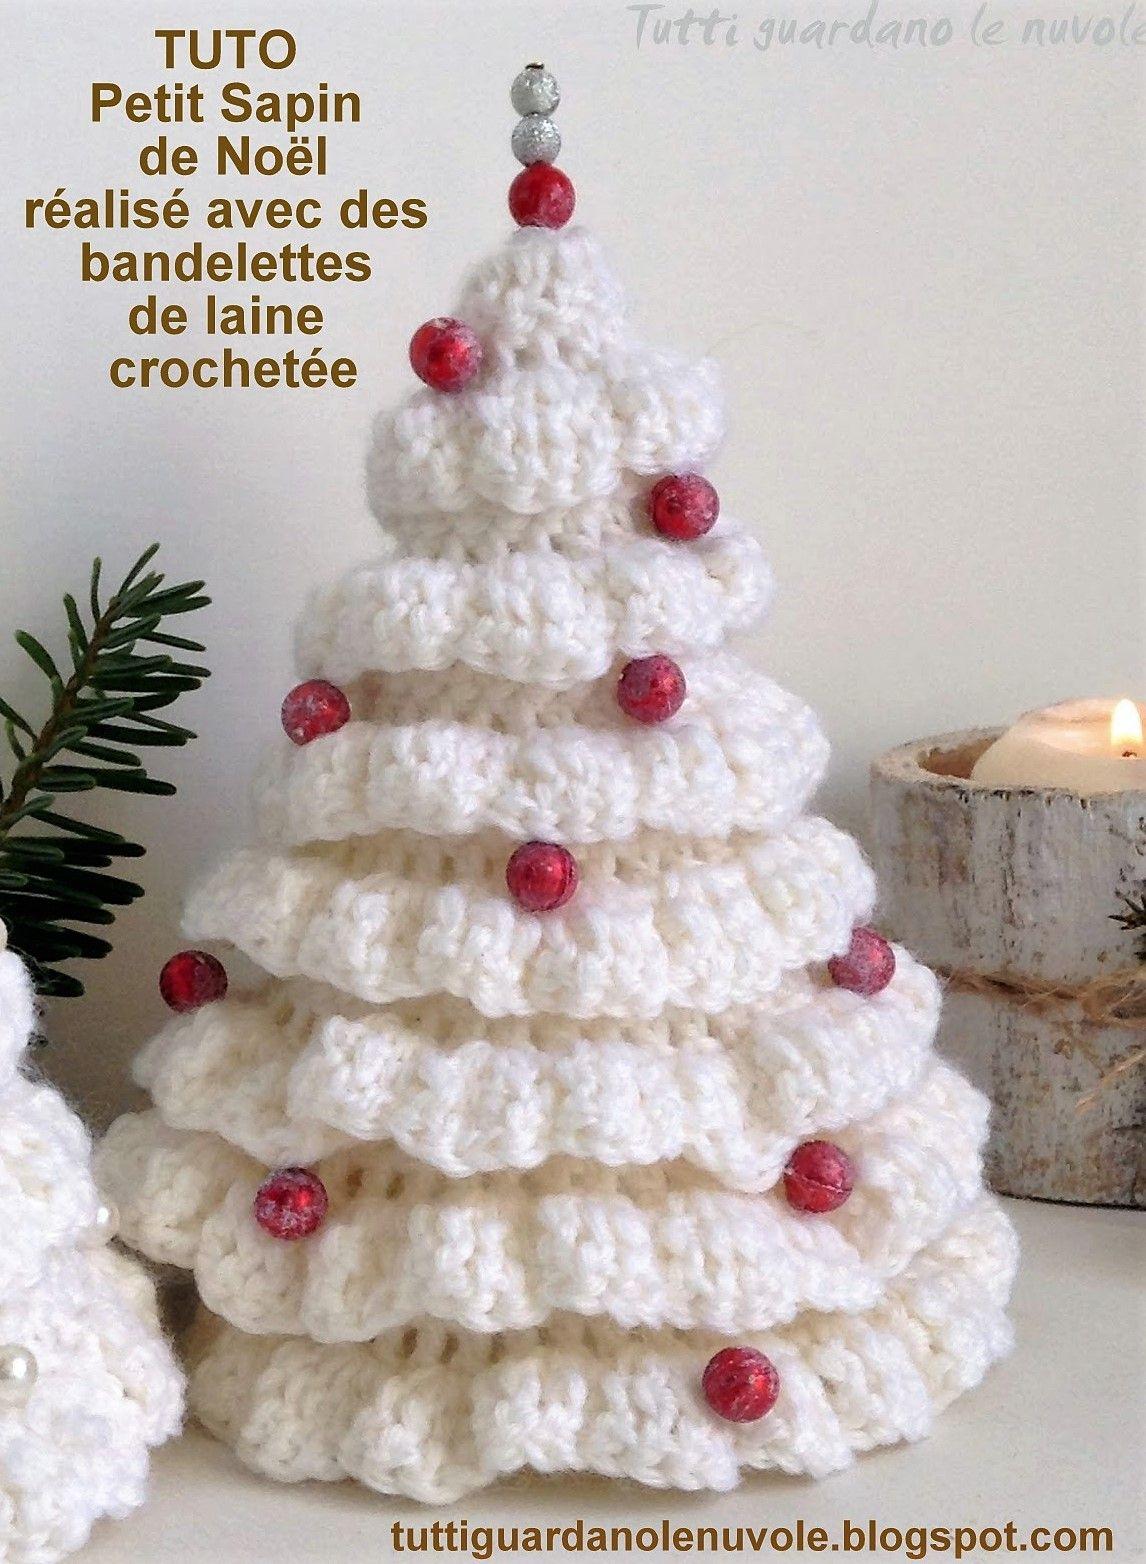 Modèles Petits sapins de Noël à faire au crochet | Petit sapin de